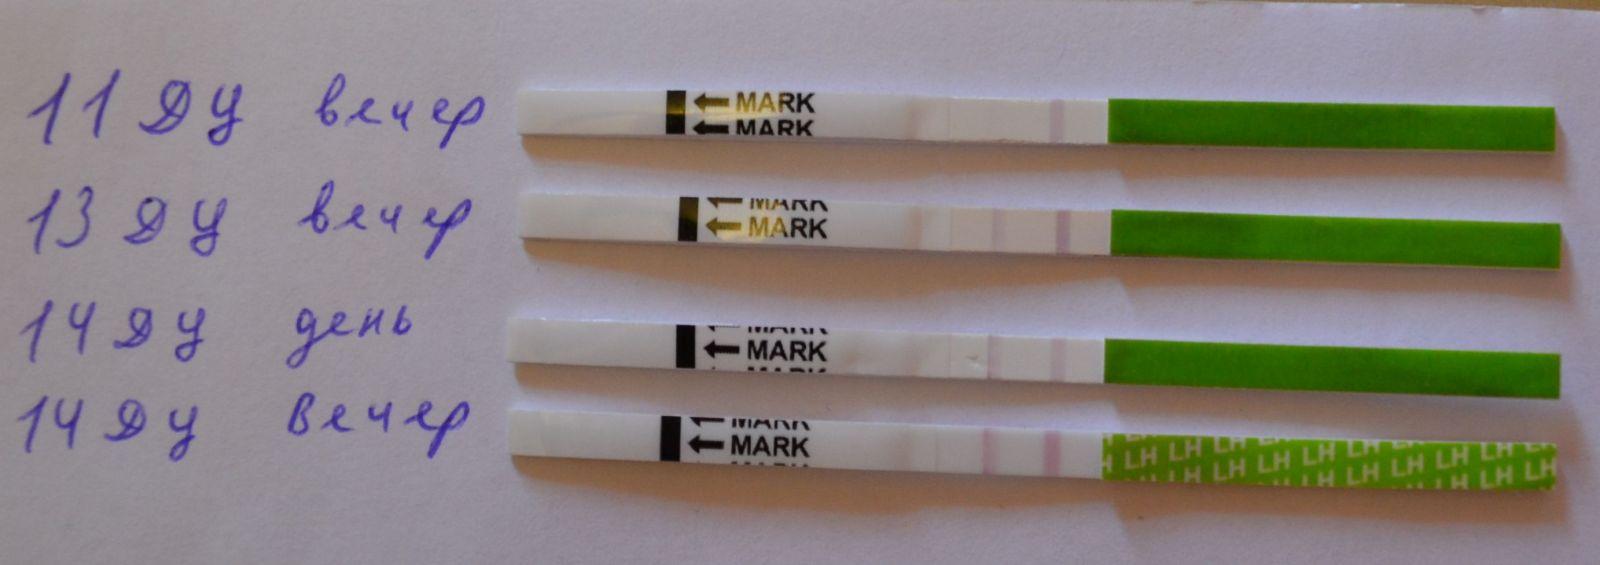 этого остаётся дешевые тесты на овуляцию беременность нас всегда